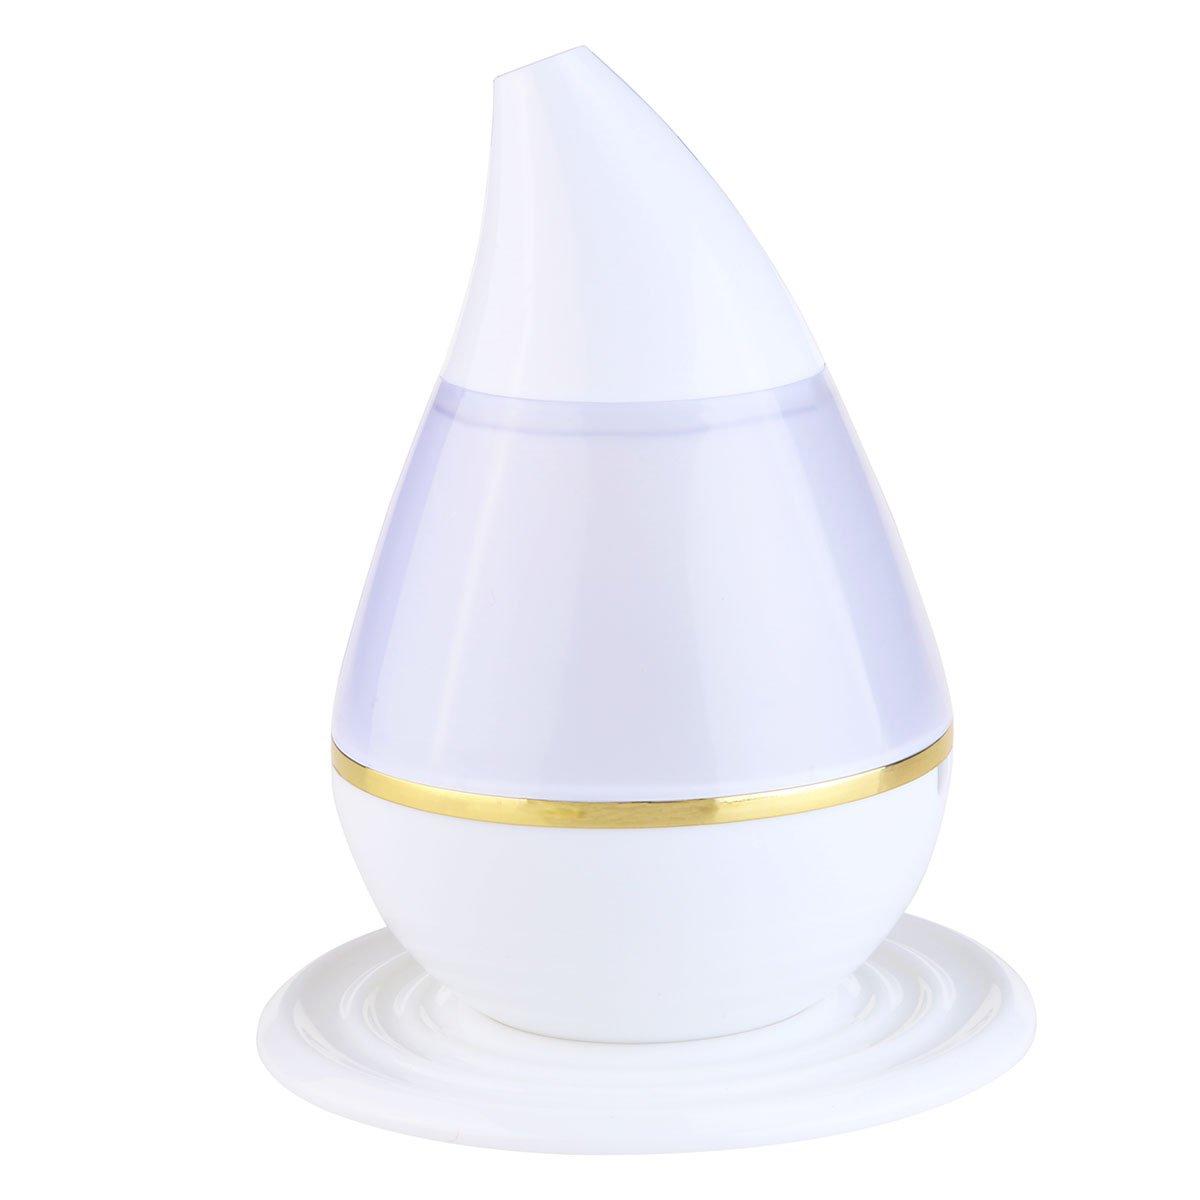 bestomz 200ml Luftbefeuchter Ätherische Öle, alfloia Aroma Diffusor Ultraschall Mist Kalten 7Farben LED, Luftreiniger